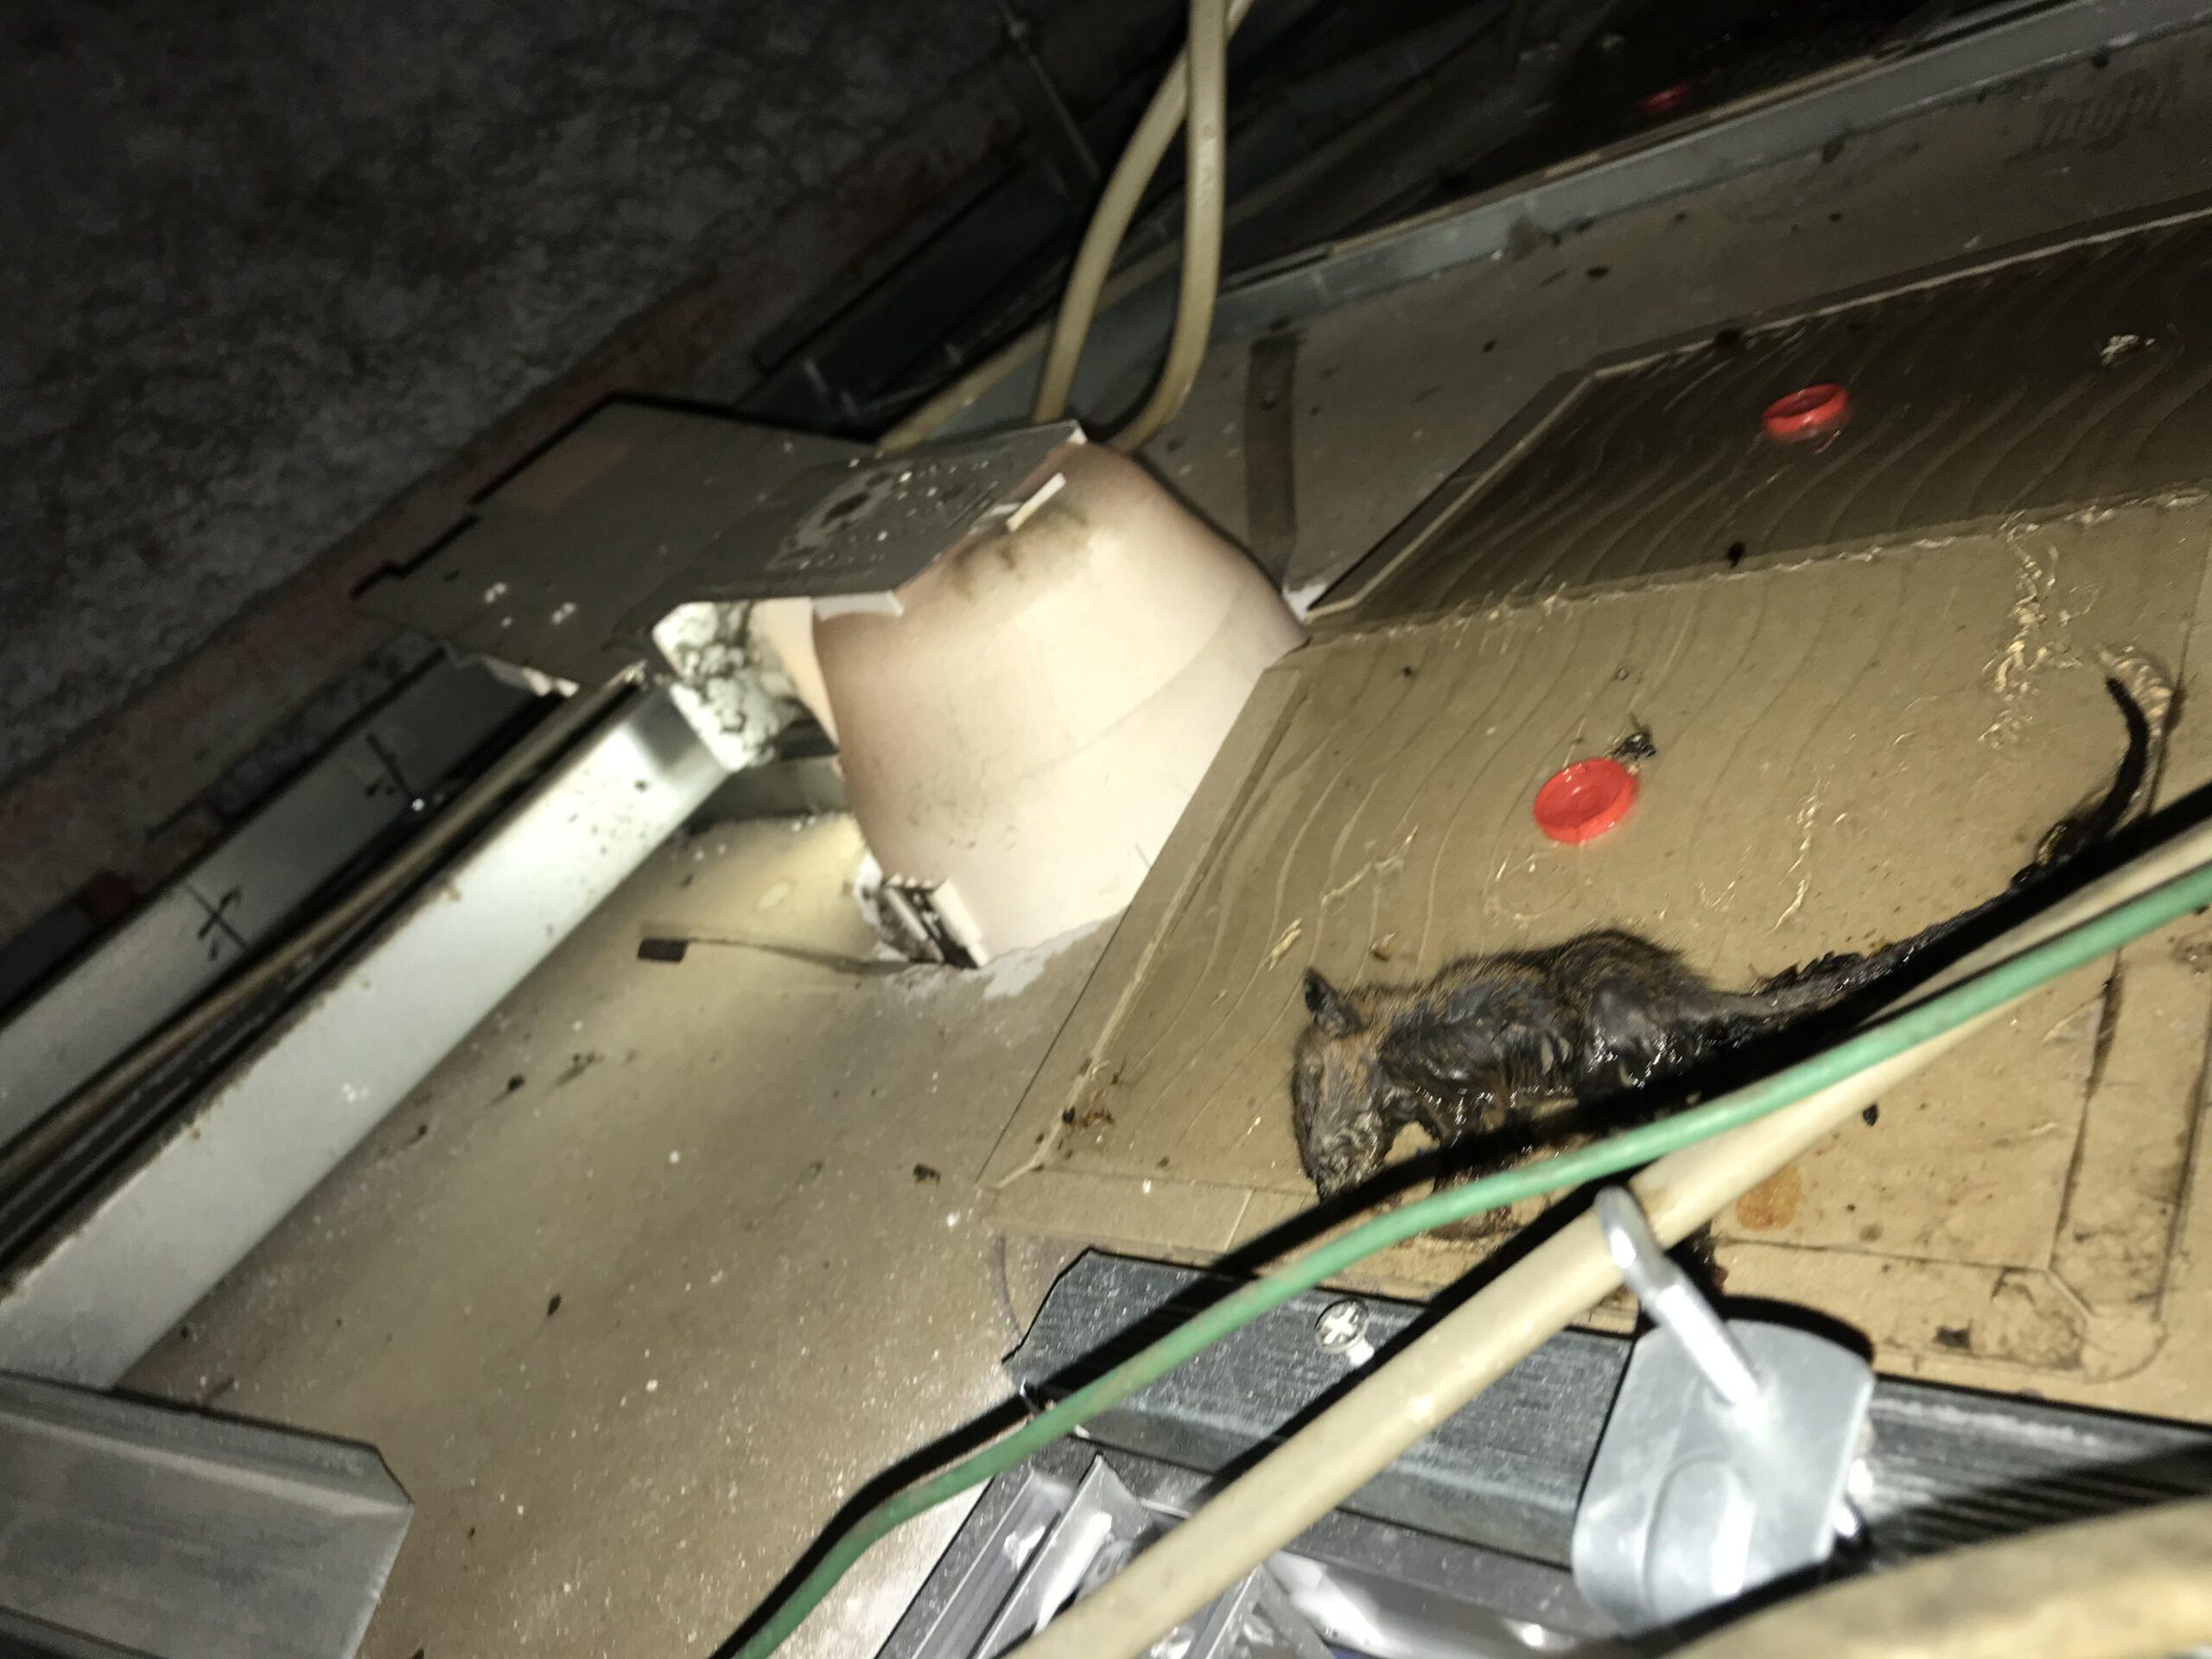 千葉県船橋市のⅯ様のネズミ駆除:施工後